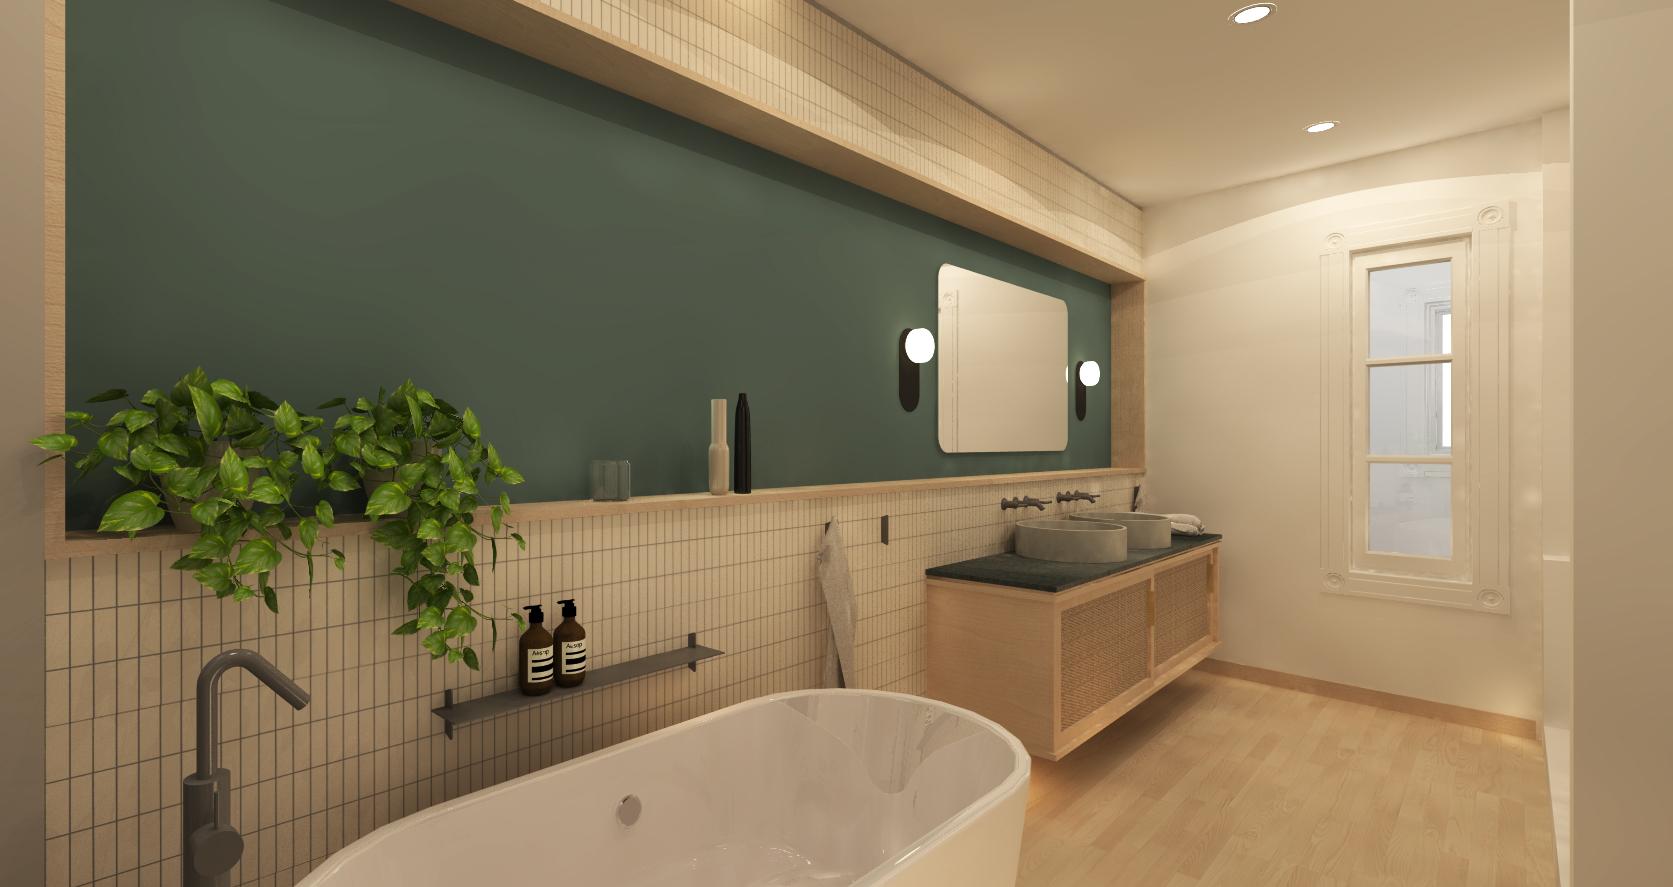 Salle de bain principale - Rendu photoréaliste